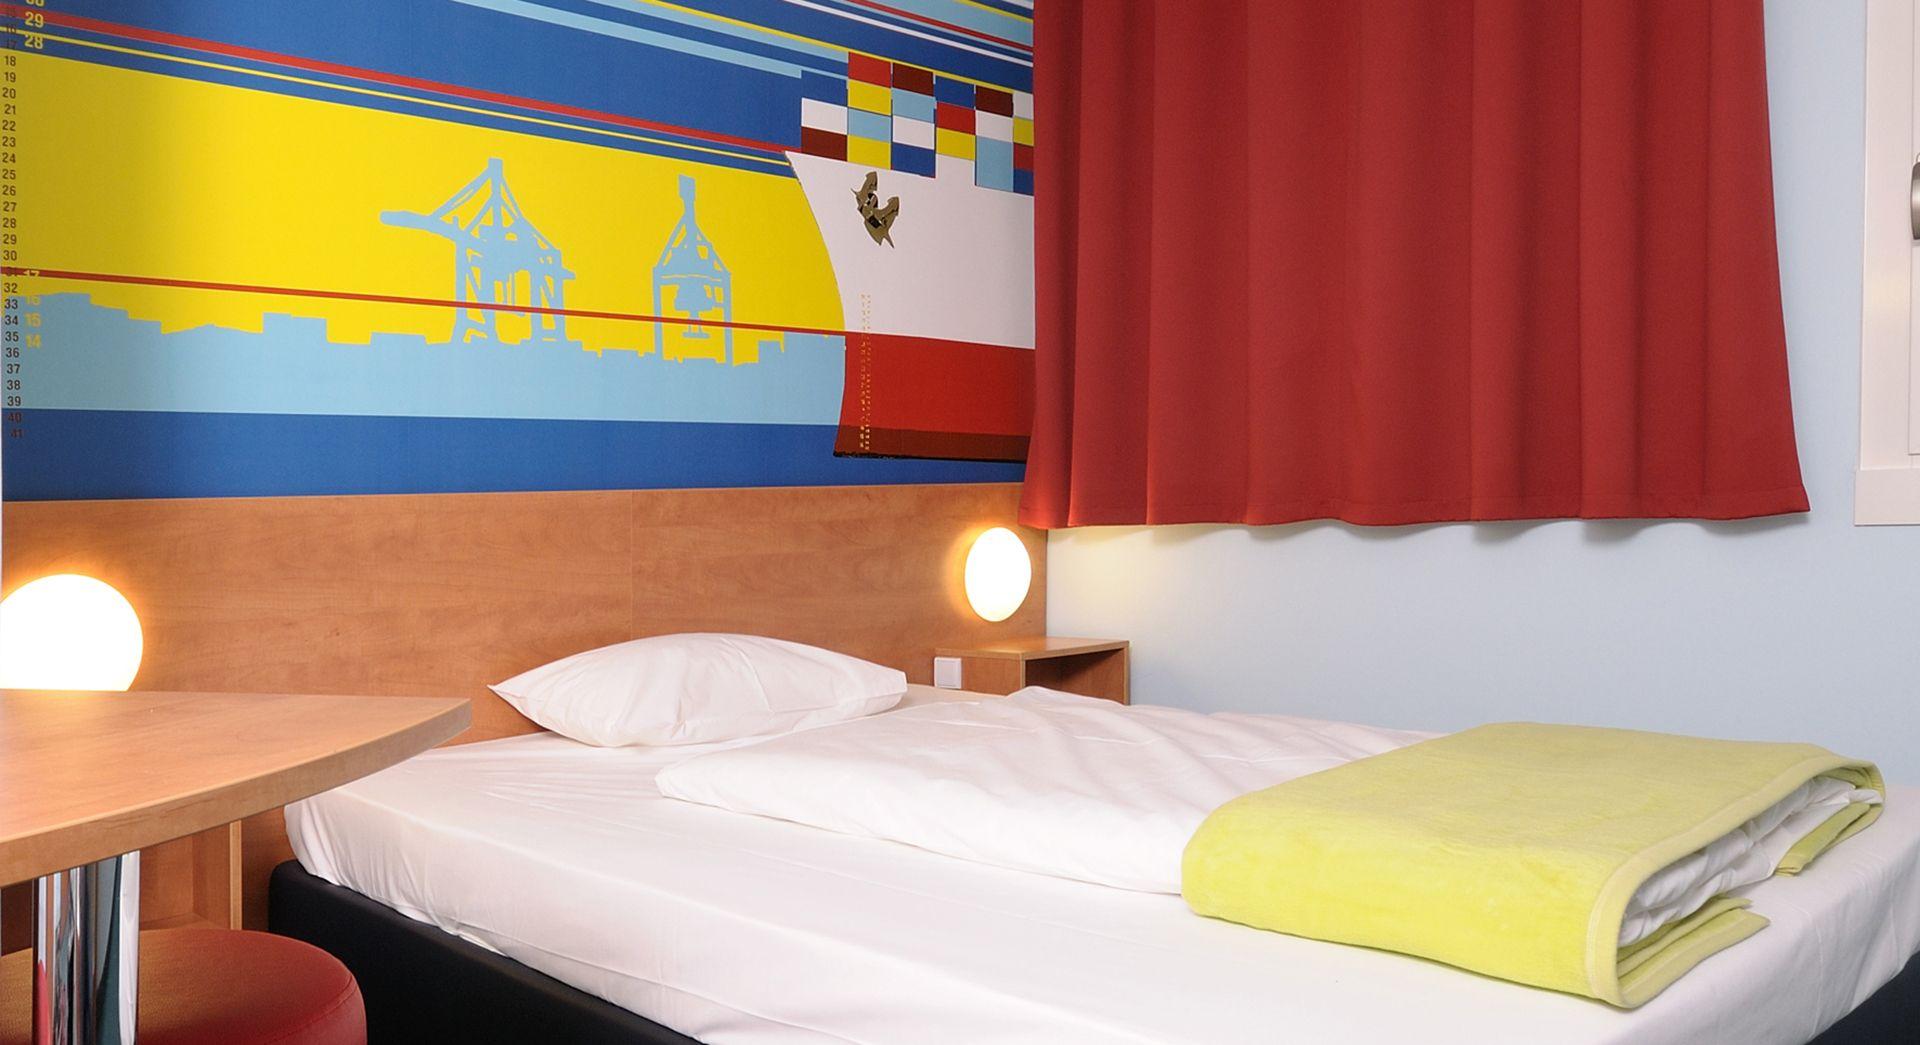 Zimmer Mit Franzosischem Bett Im B B Hotel Hamburg Altona Franzosisches Bett B B Hamburg Altona